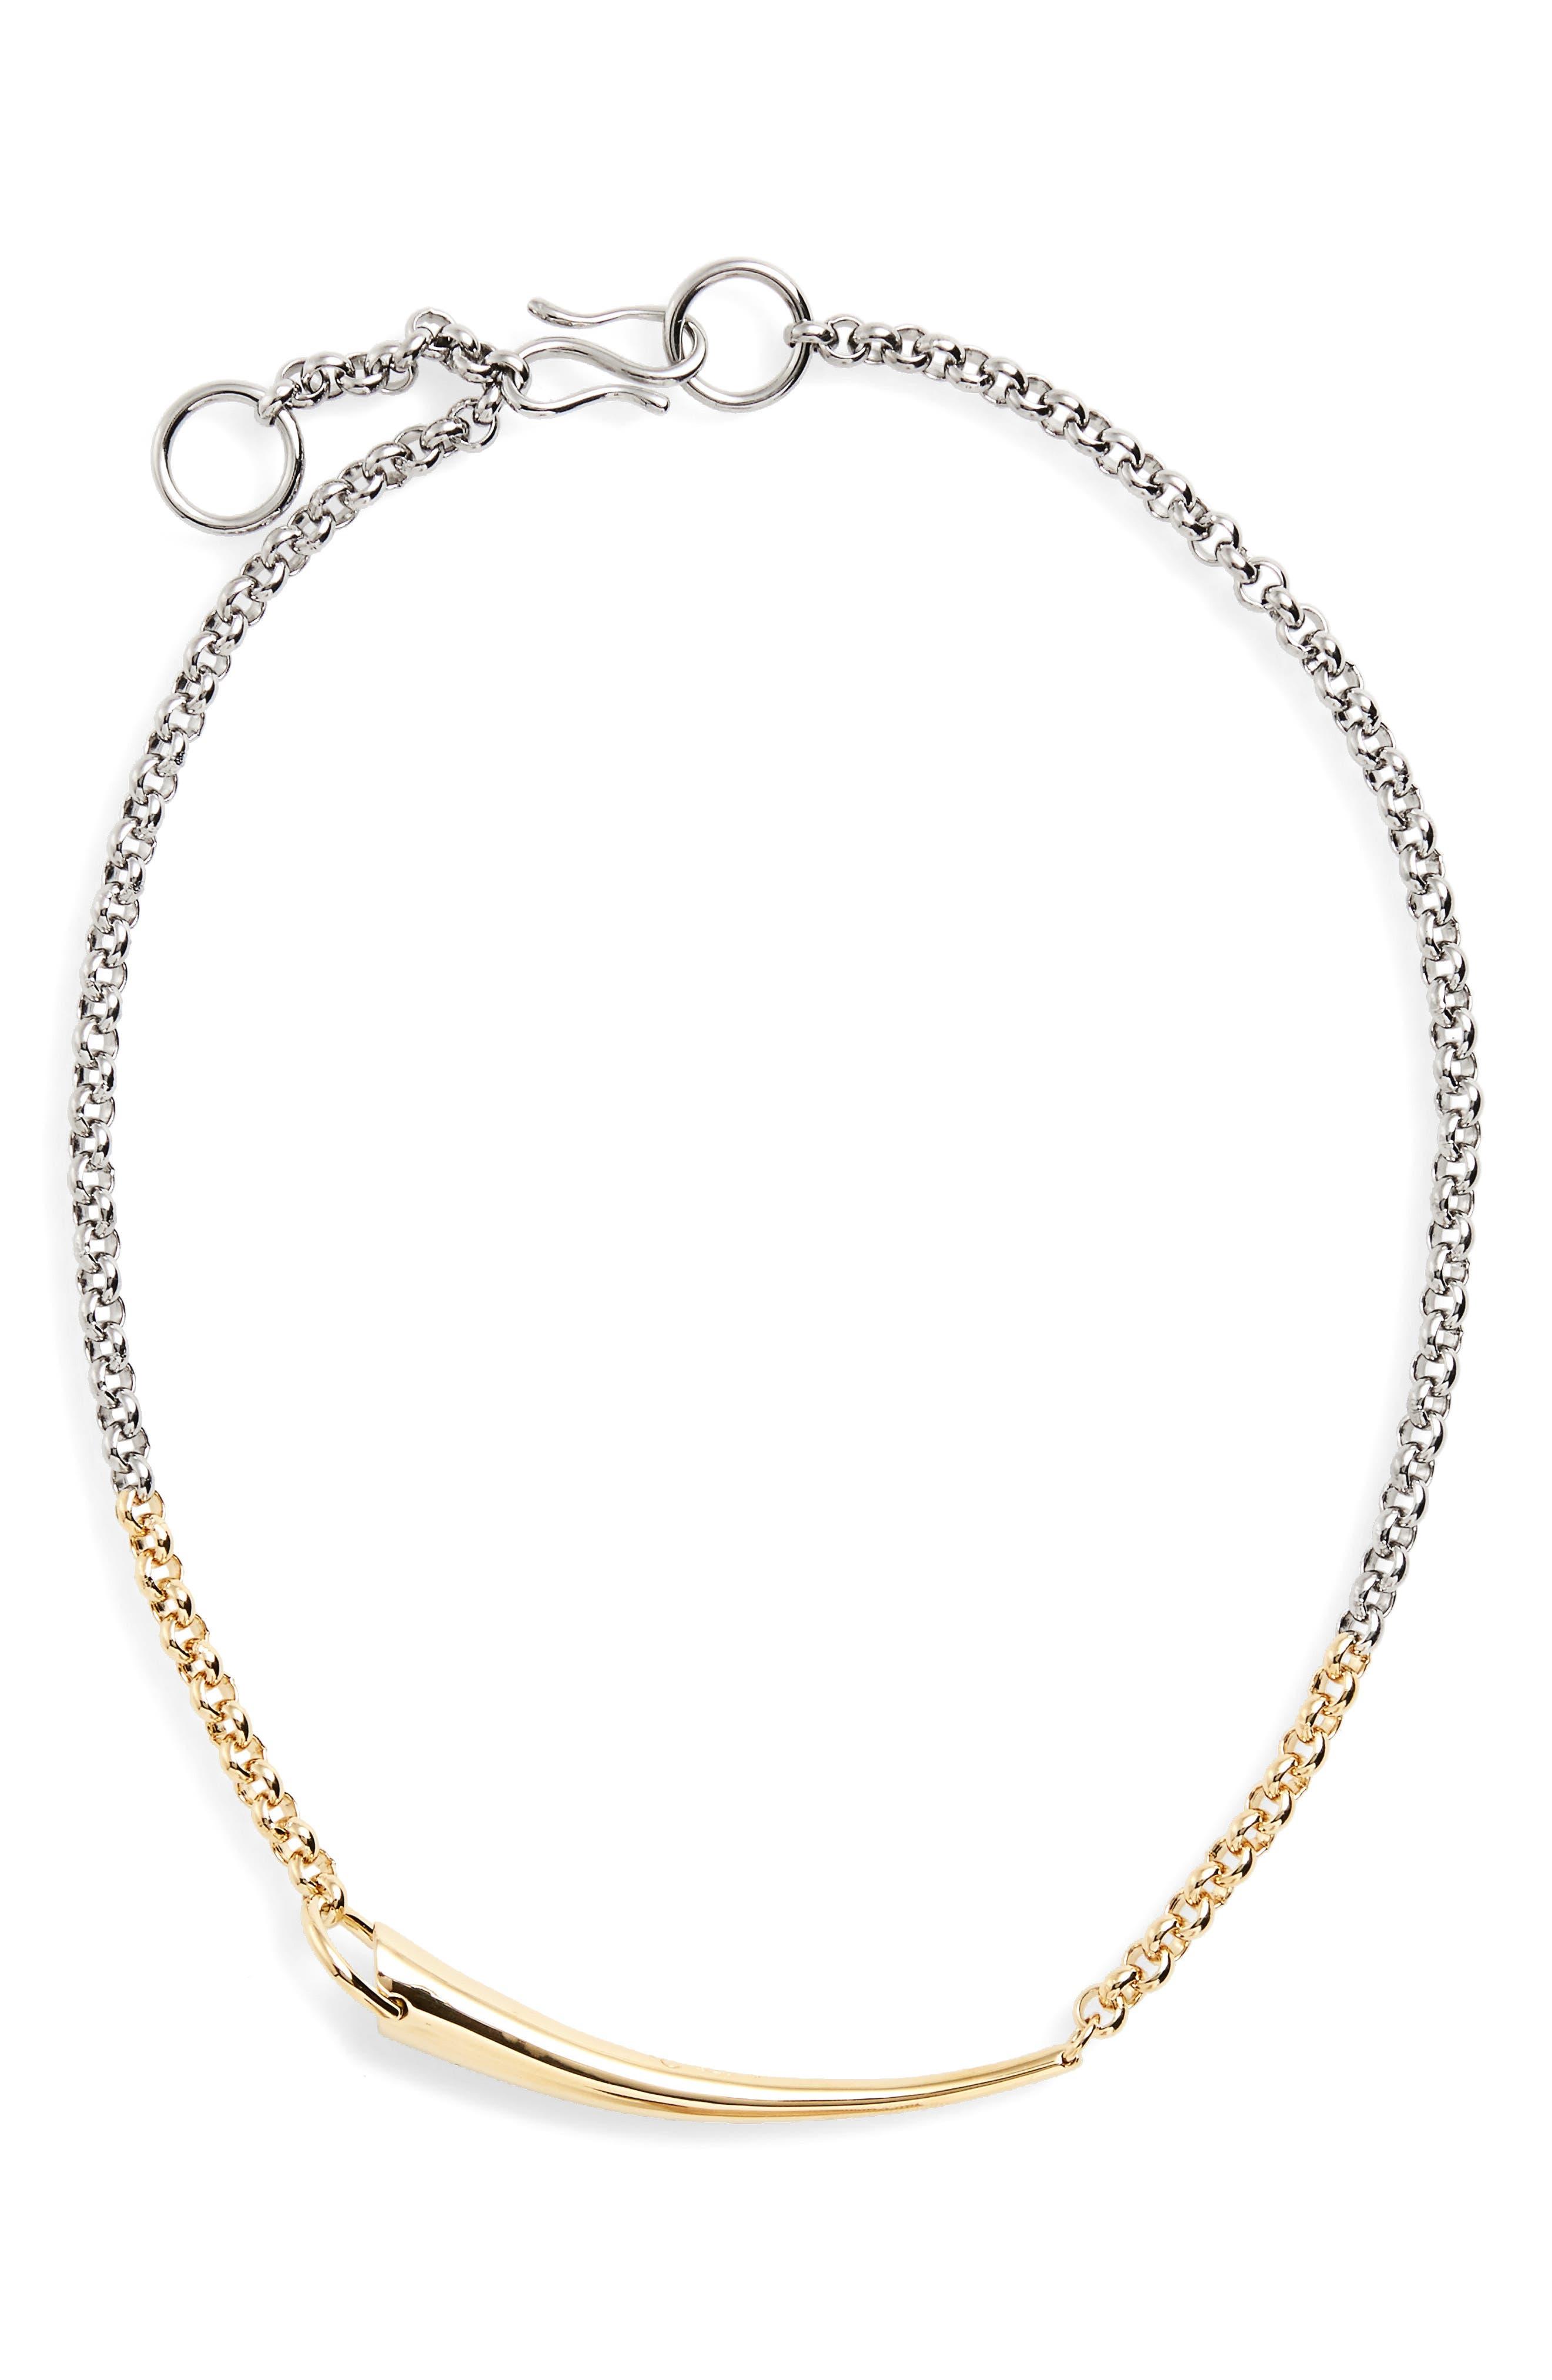 Alki Vermeil Necklace,                         Main,                         color, Silver/Yellow/Vermeil